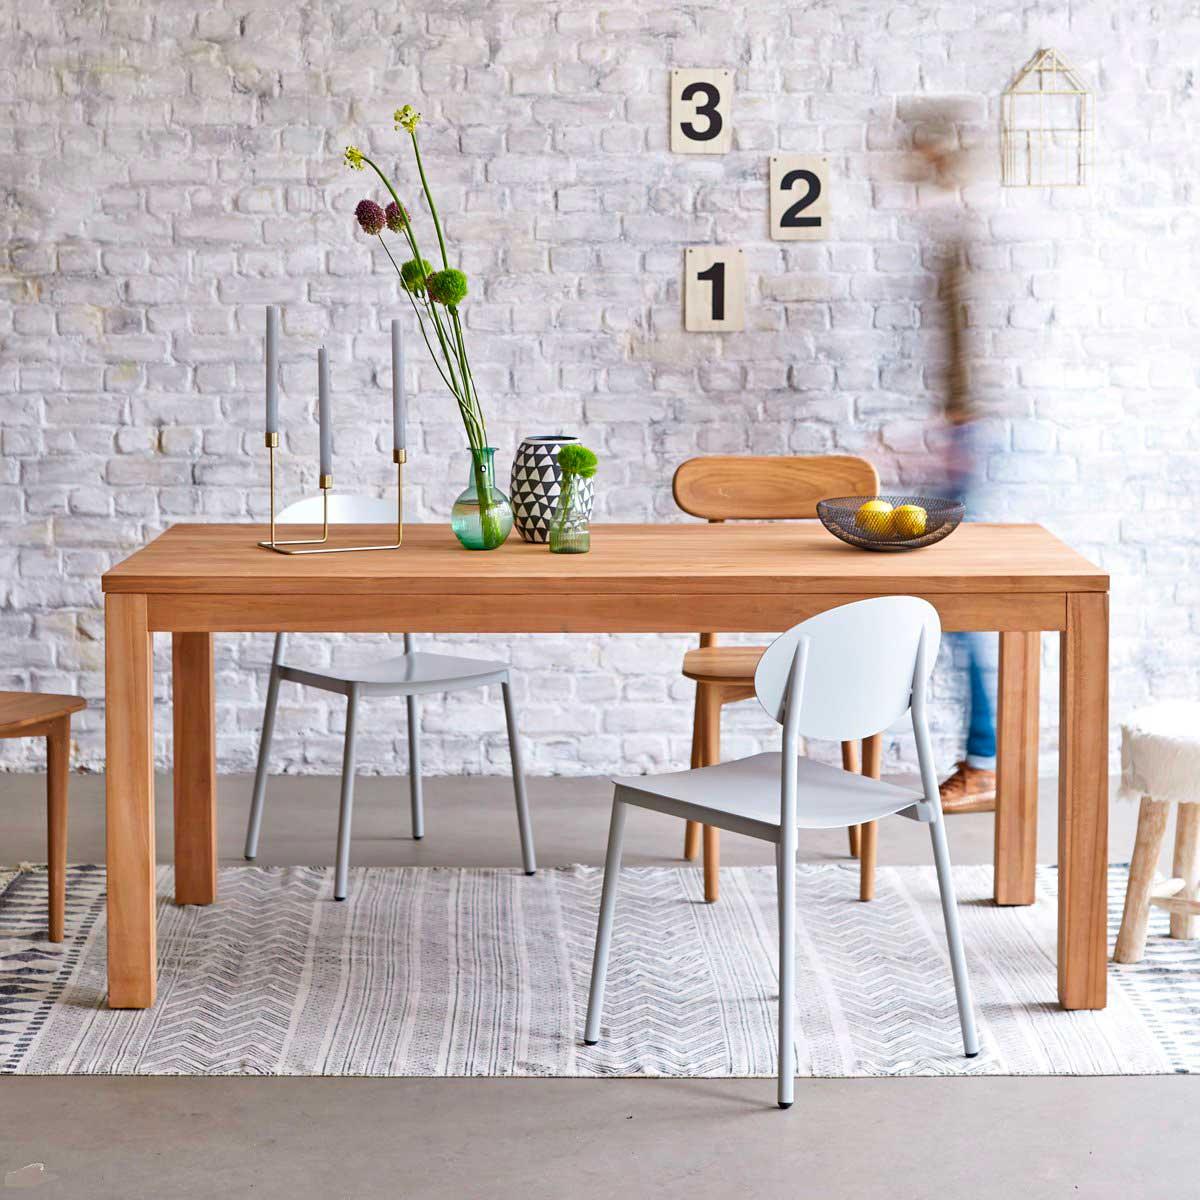 Table en bois massif : 20 idées déco pour la salle à manger